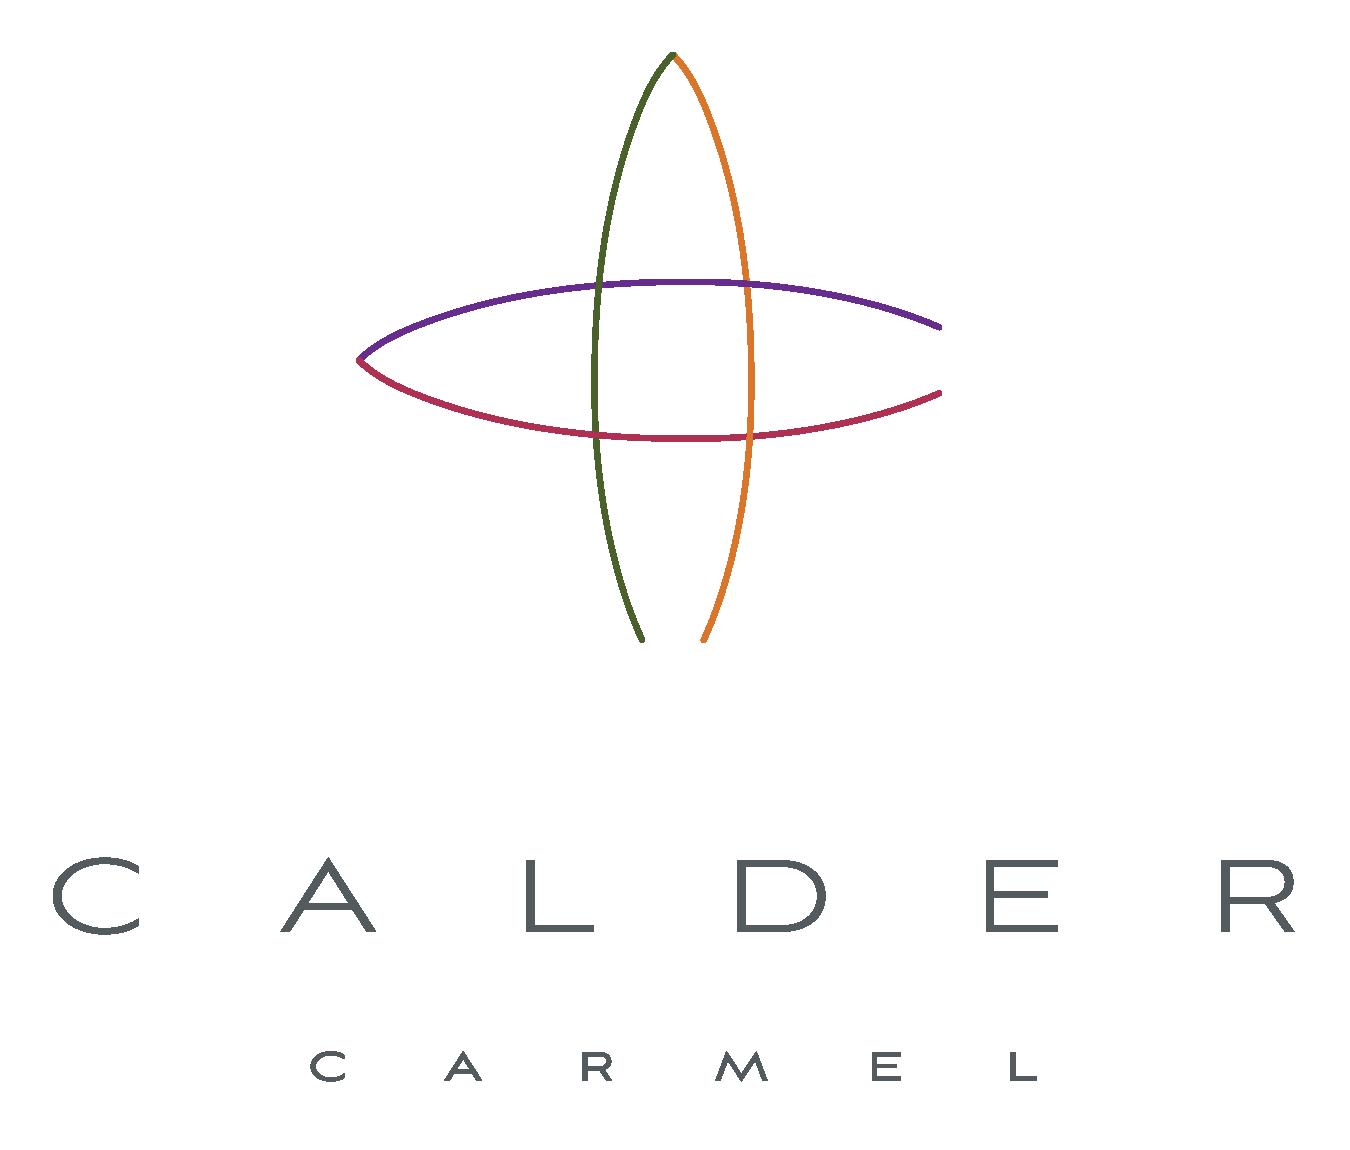 CalderCarmel_LOGO-Only-01.2